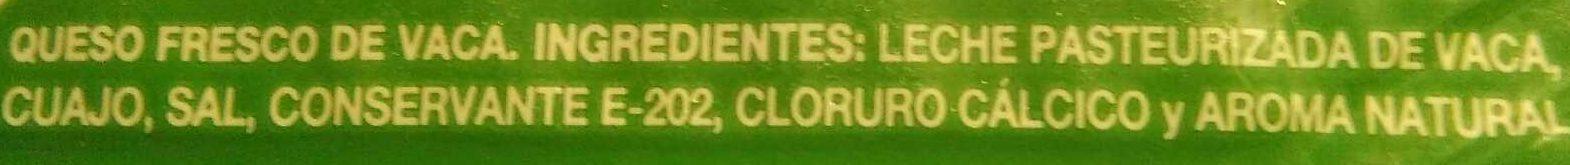 Queso fresco Burgos - Ingrediënten